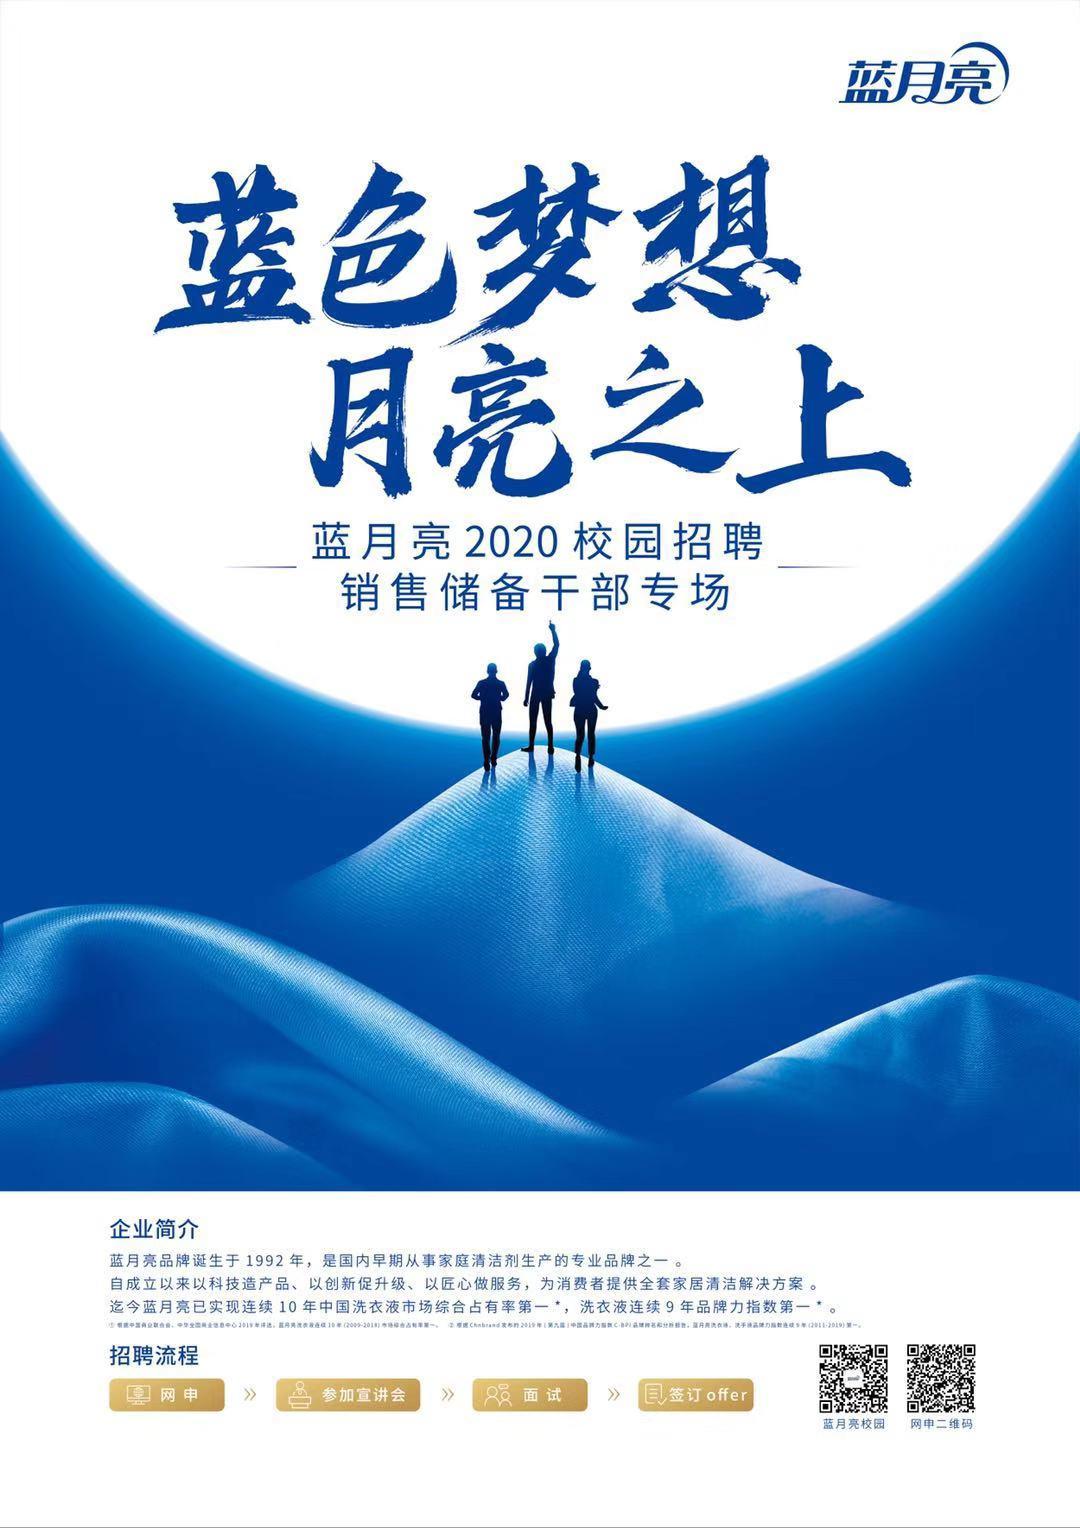 蓝月亮(中国)有限公司宣讲会